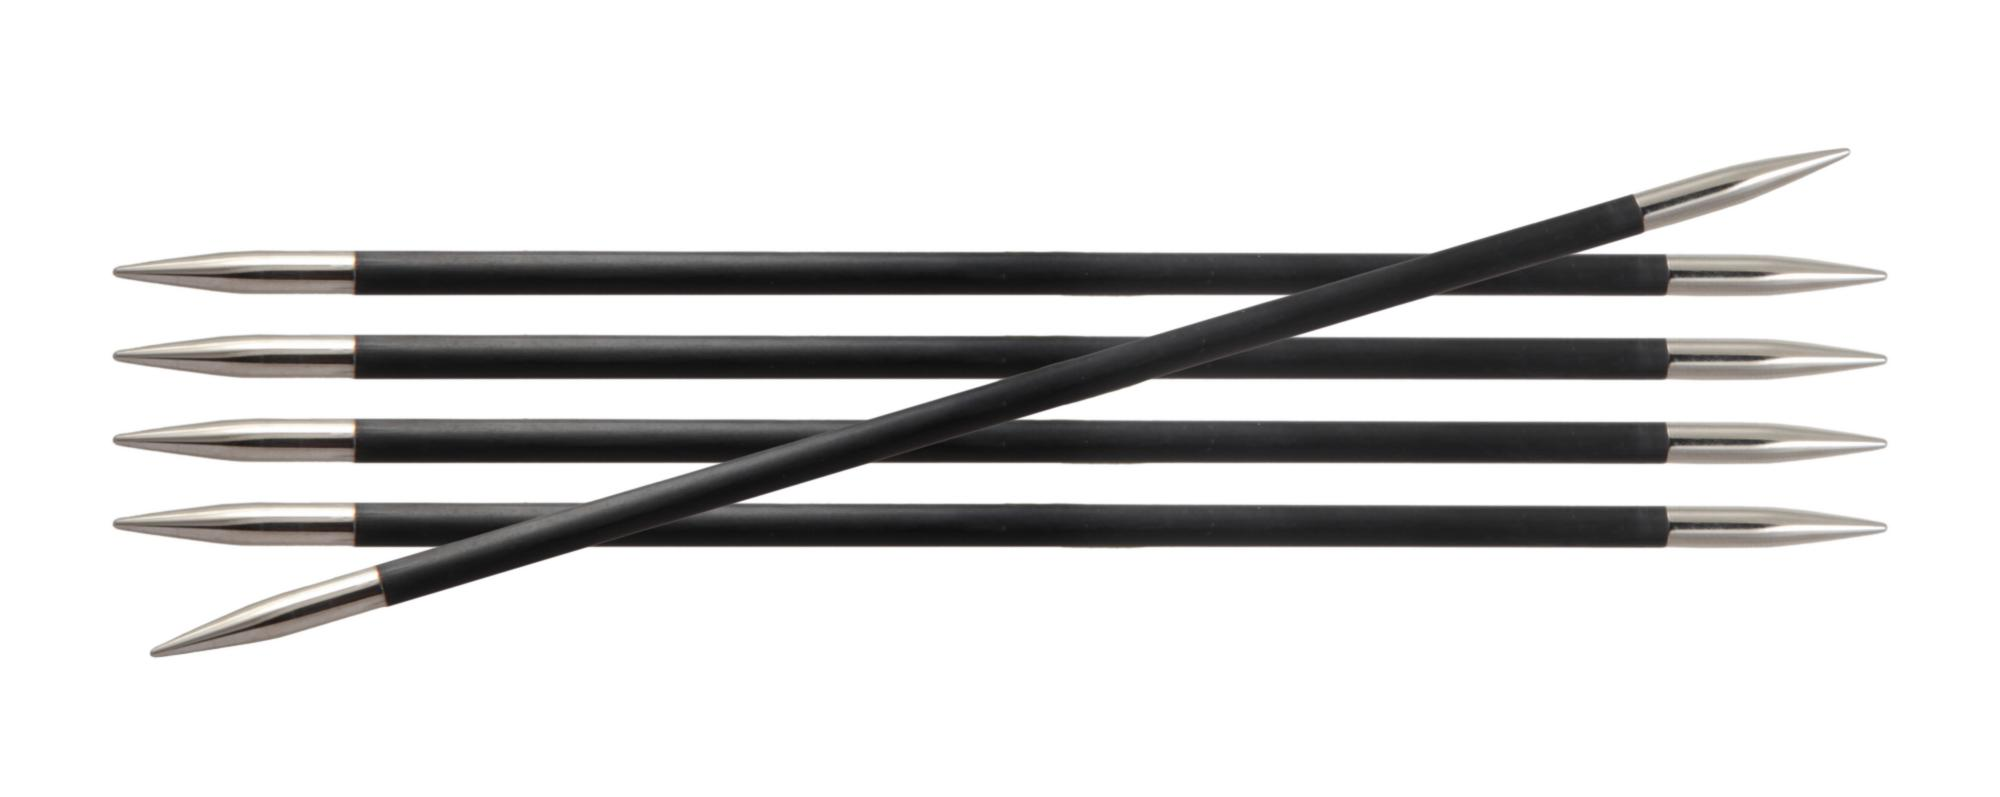 Спицы носочные 20 см Karbonz KnitPro, 41131, 3.75 мм